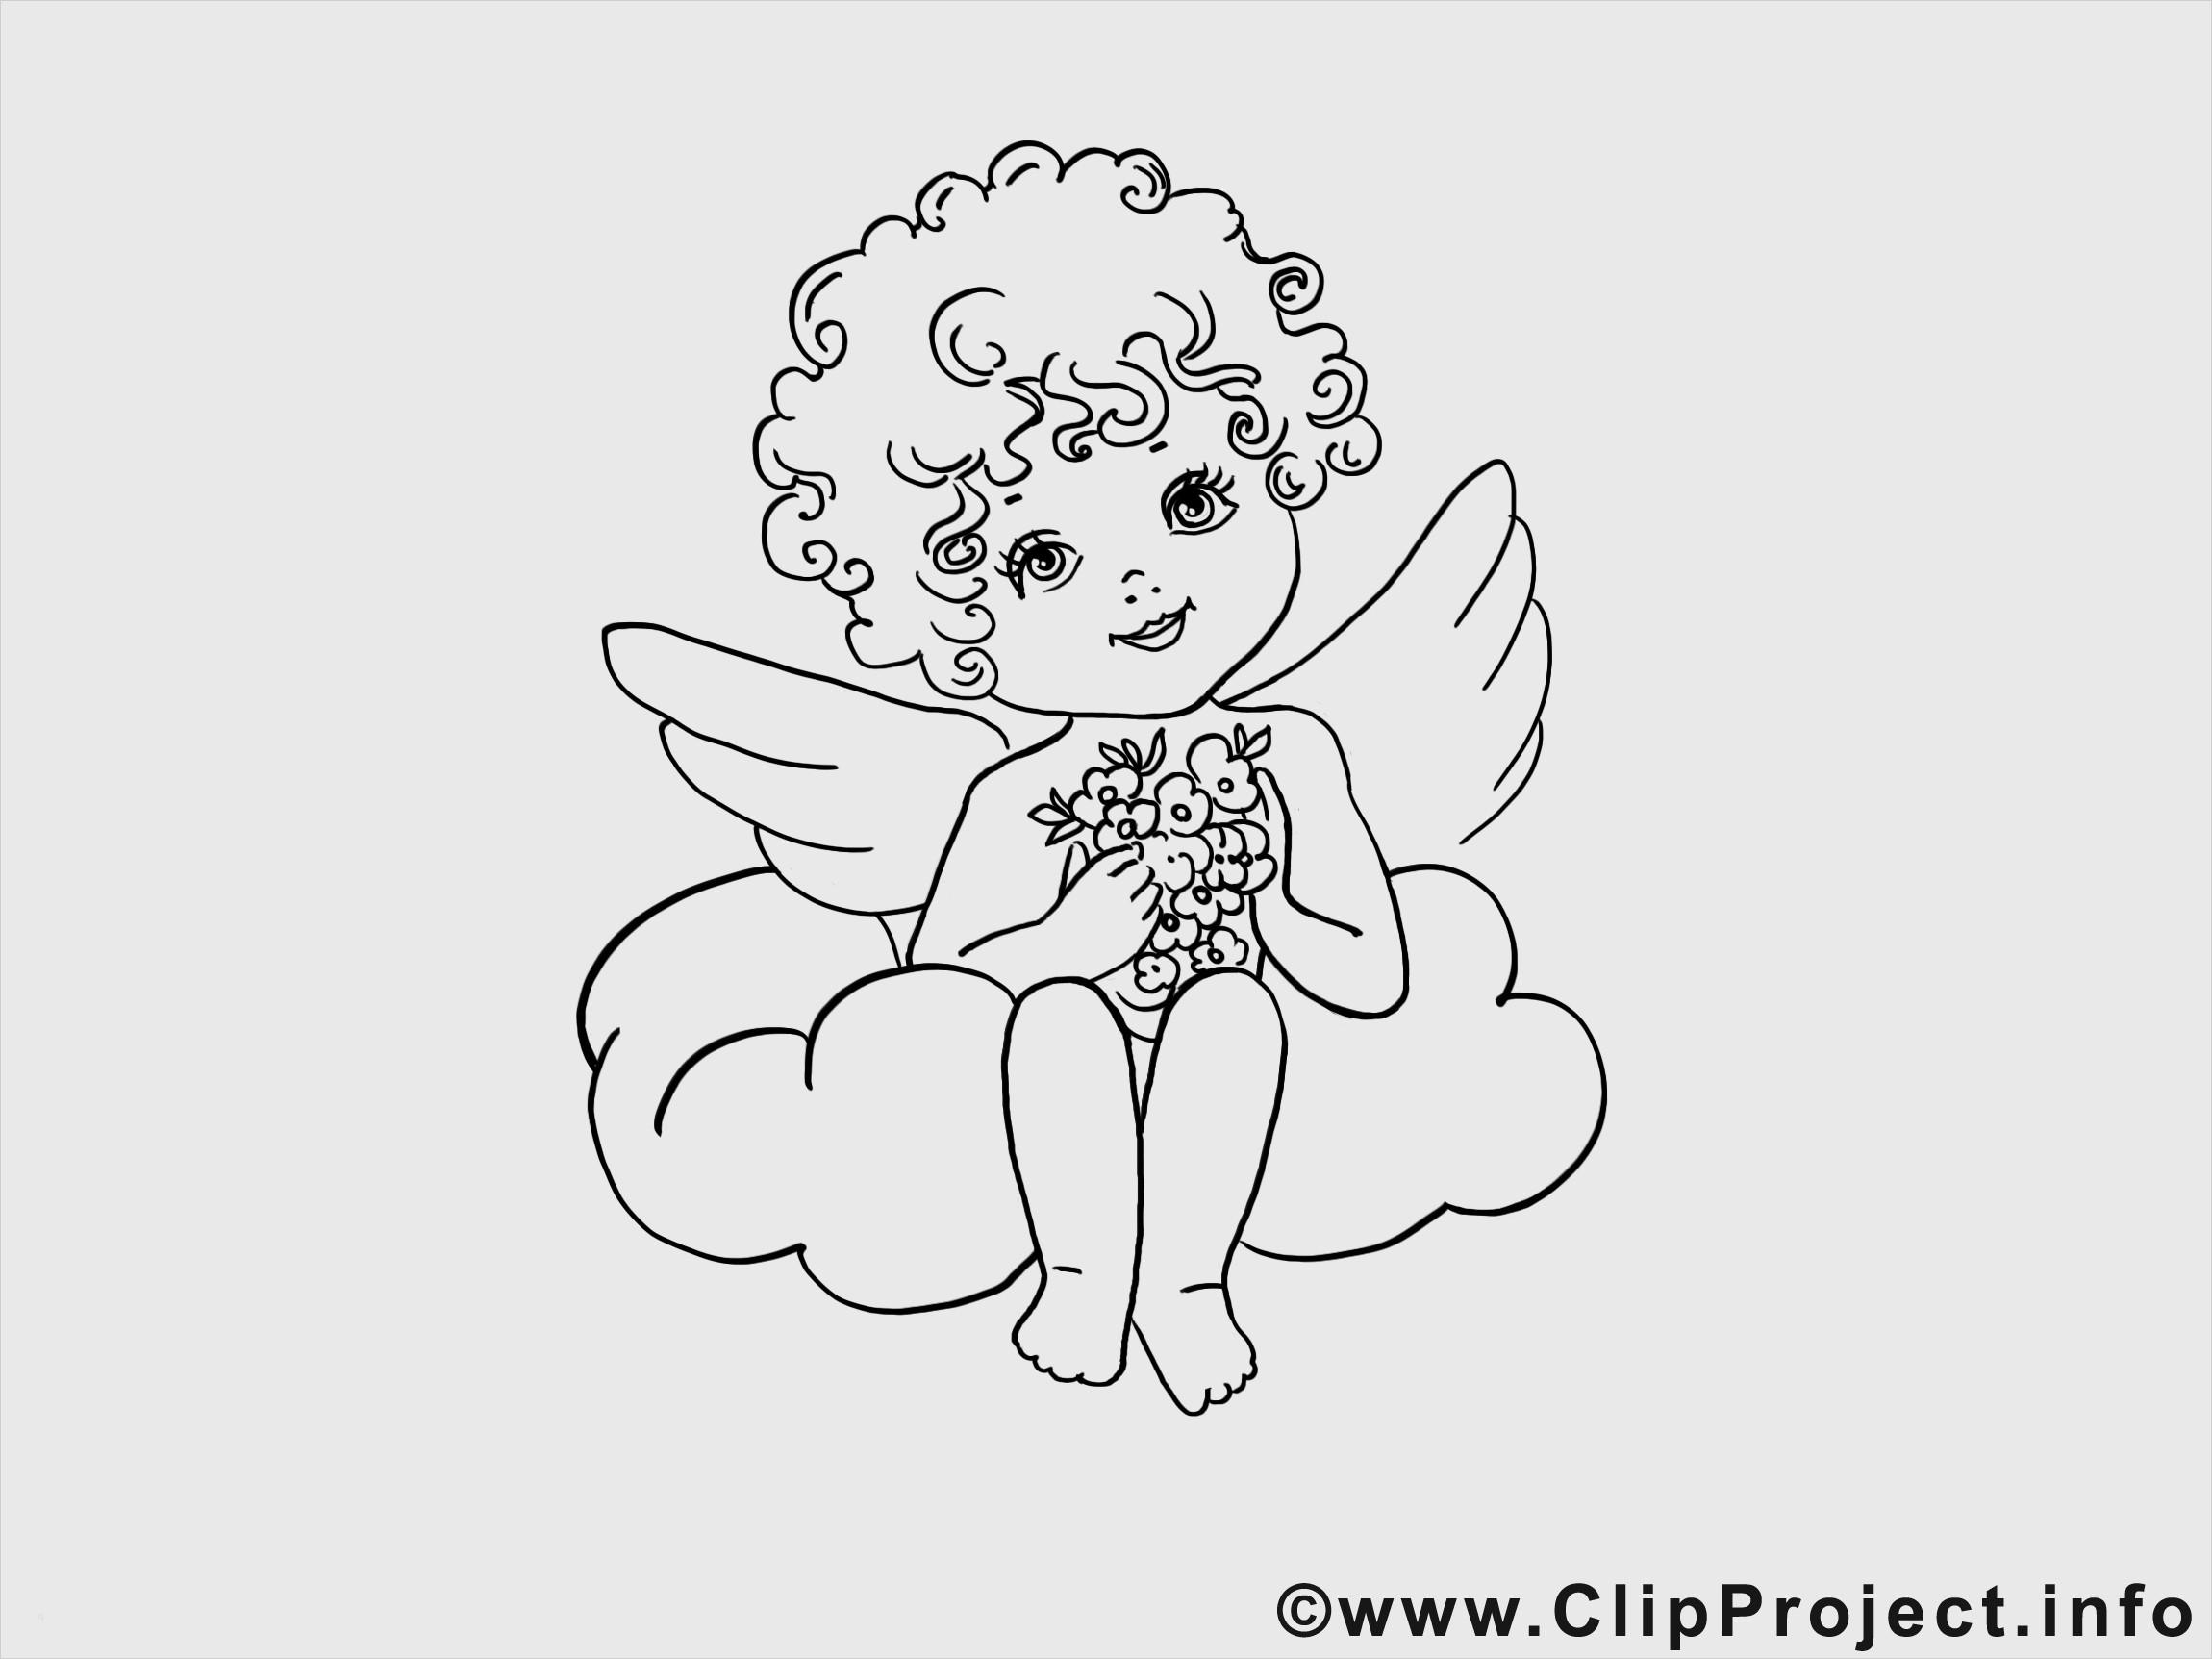 Malvorlagen Engel Neu Süß Engel Vorlage Zum Ausdrucken Stilvoll Sie Können Tqd3 Sammlung